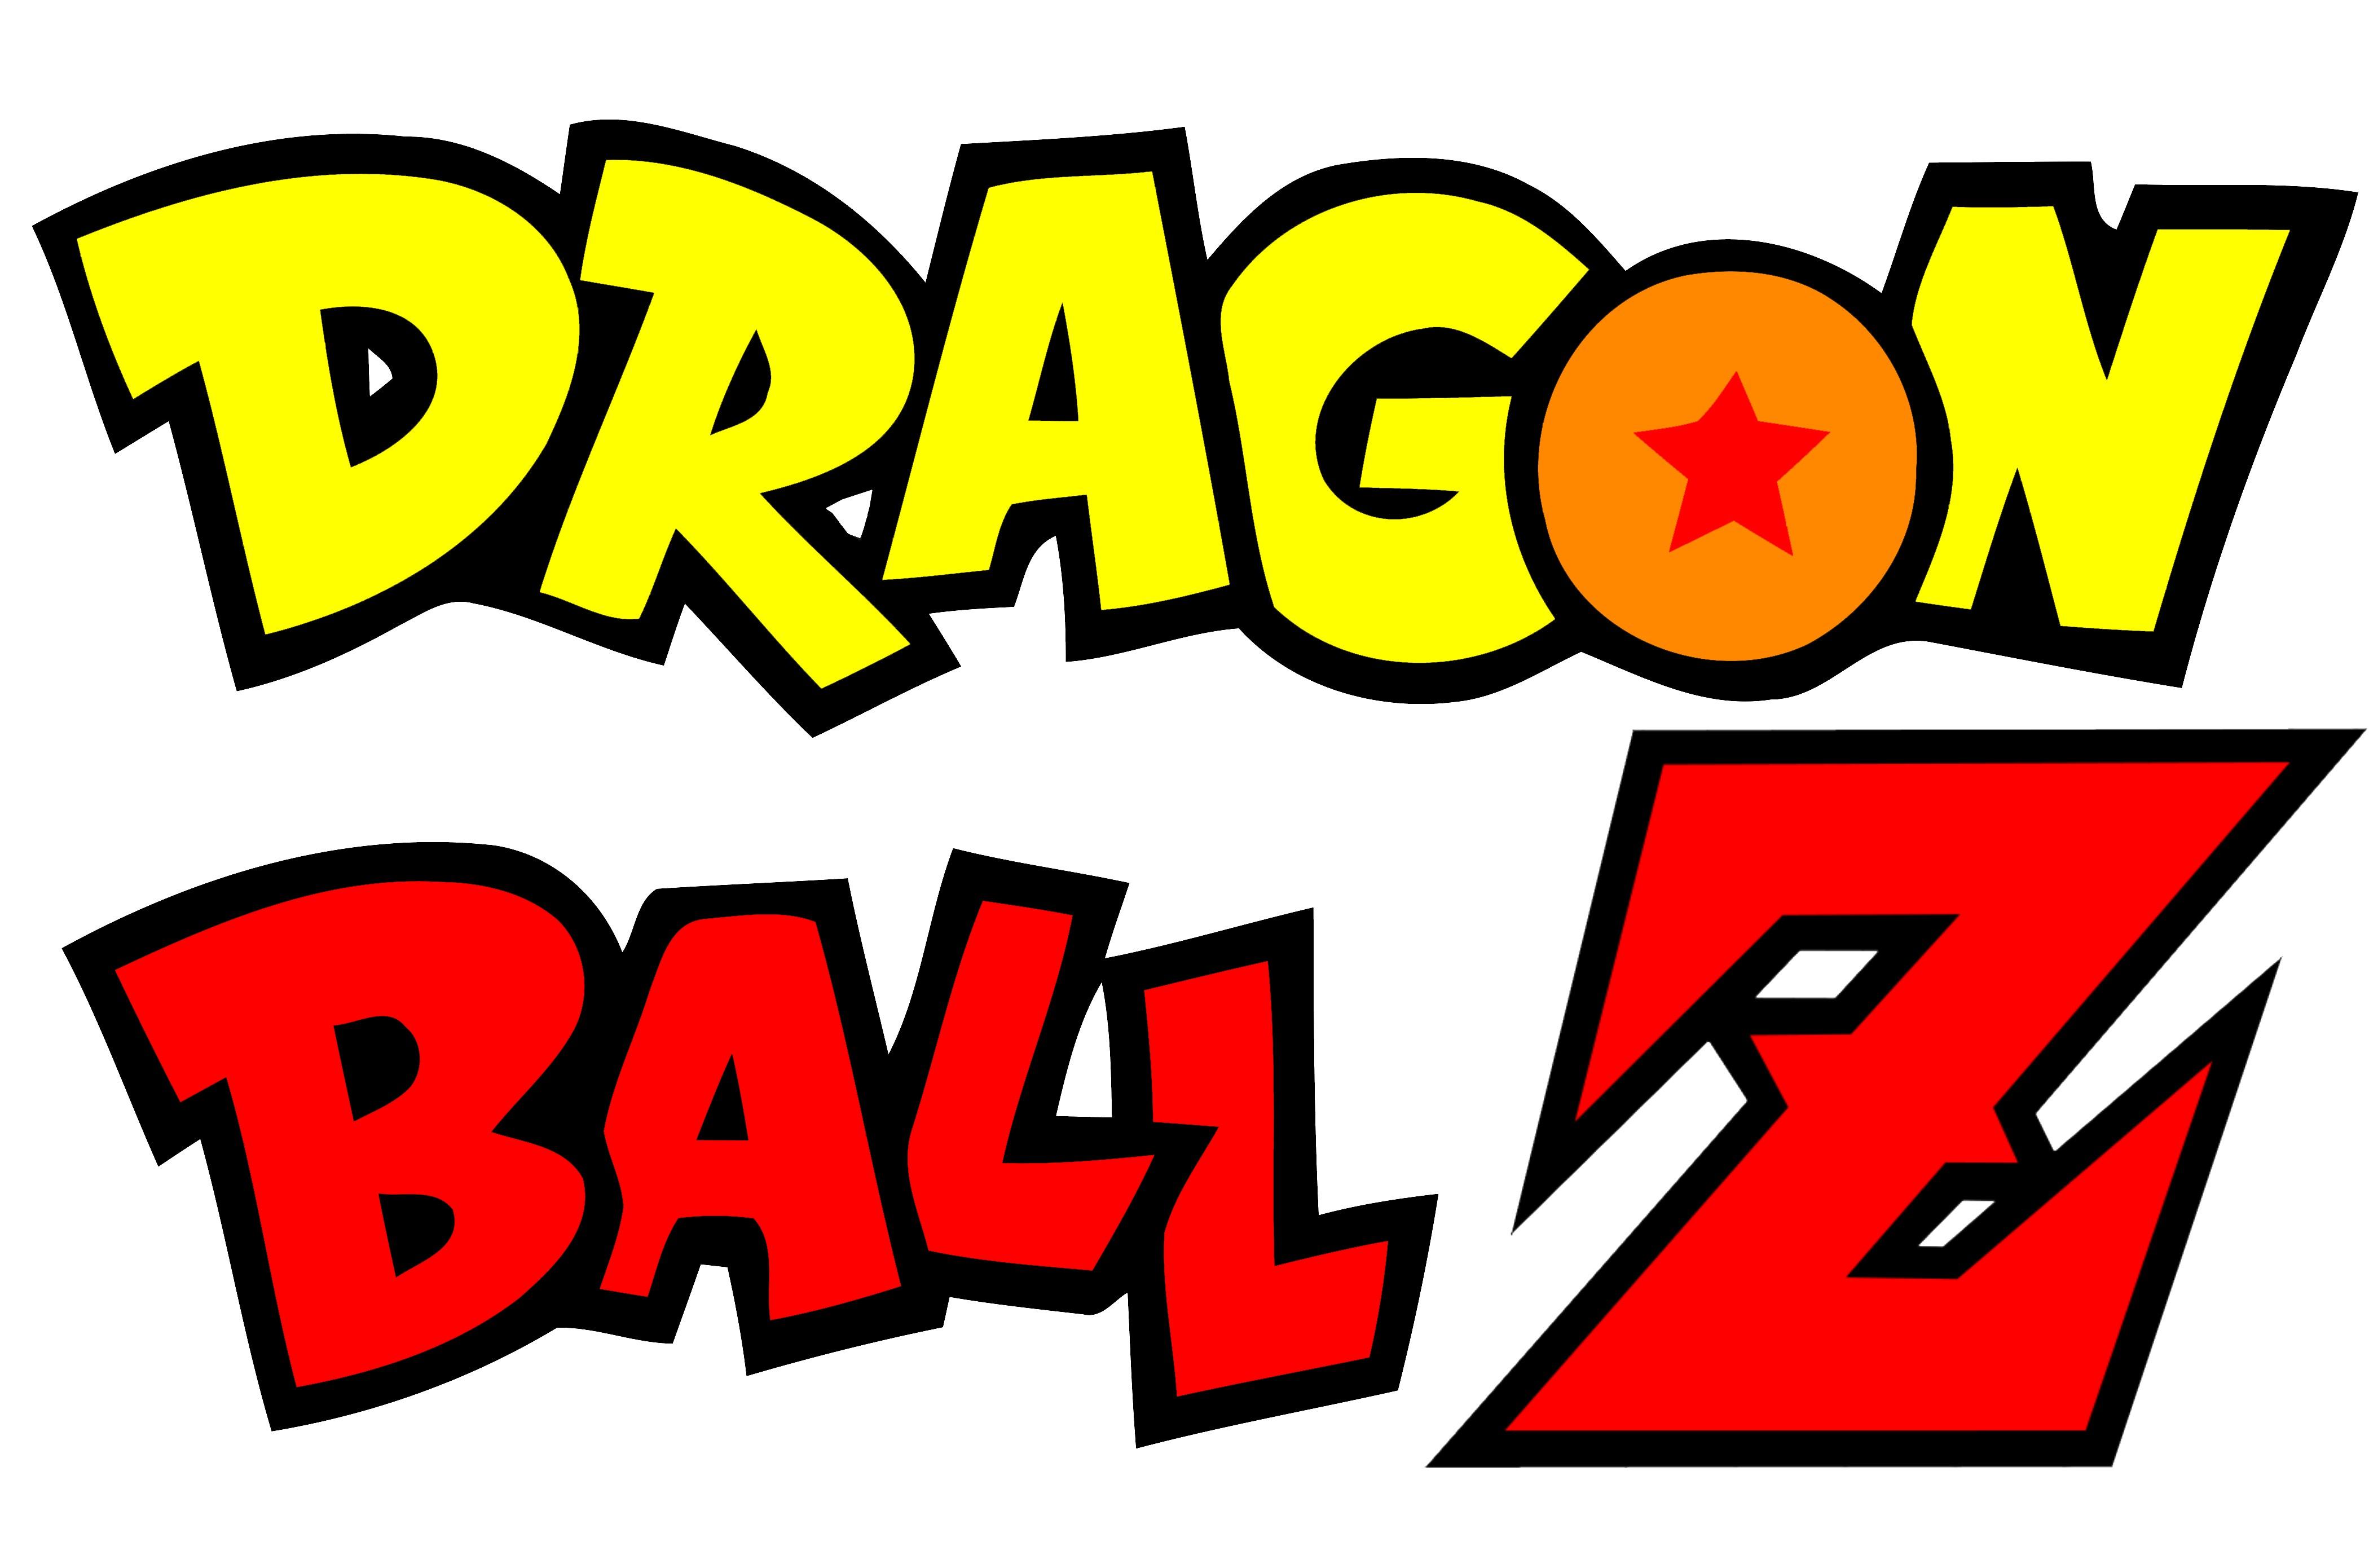 17 Dragon Ball-Z